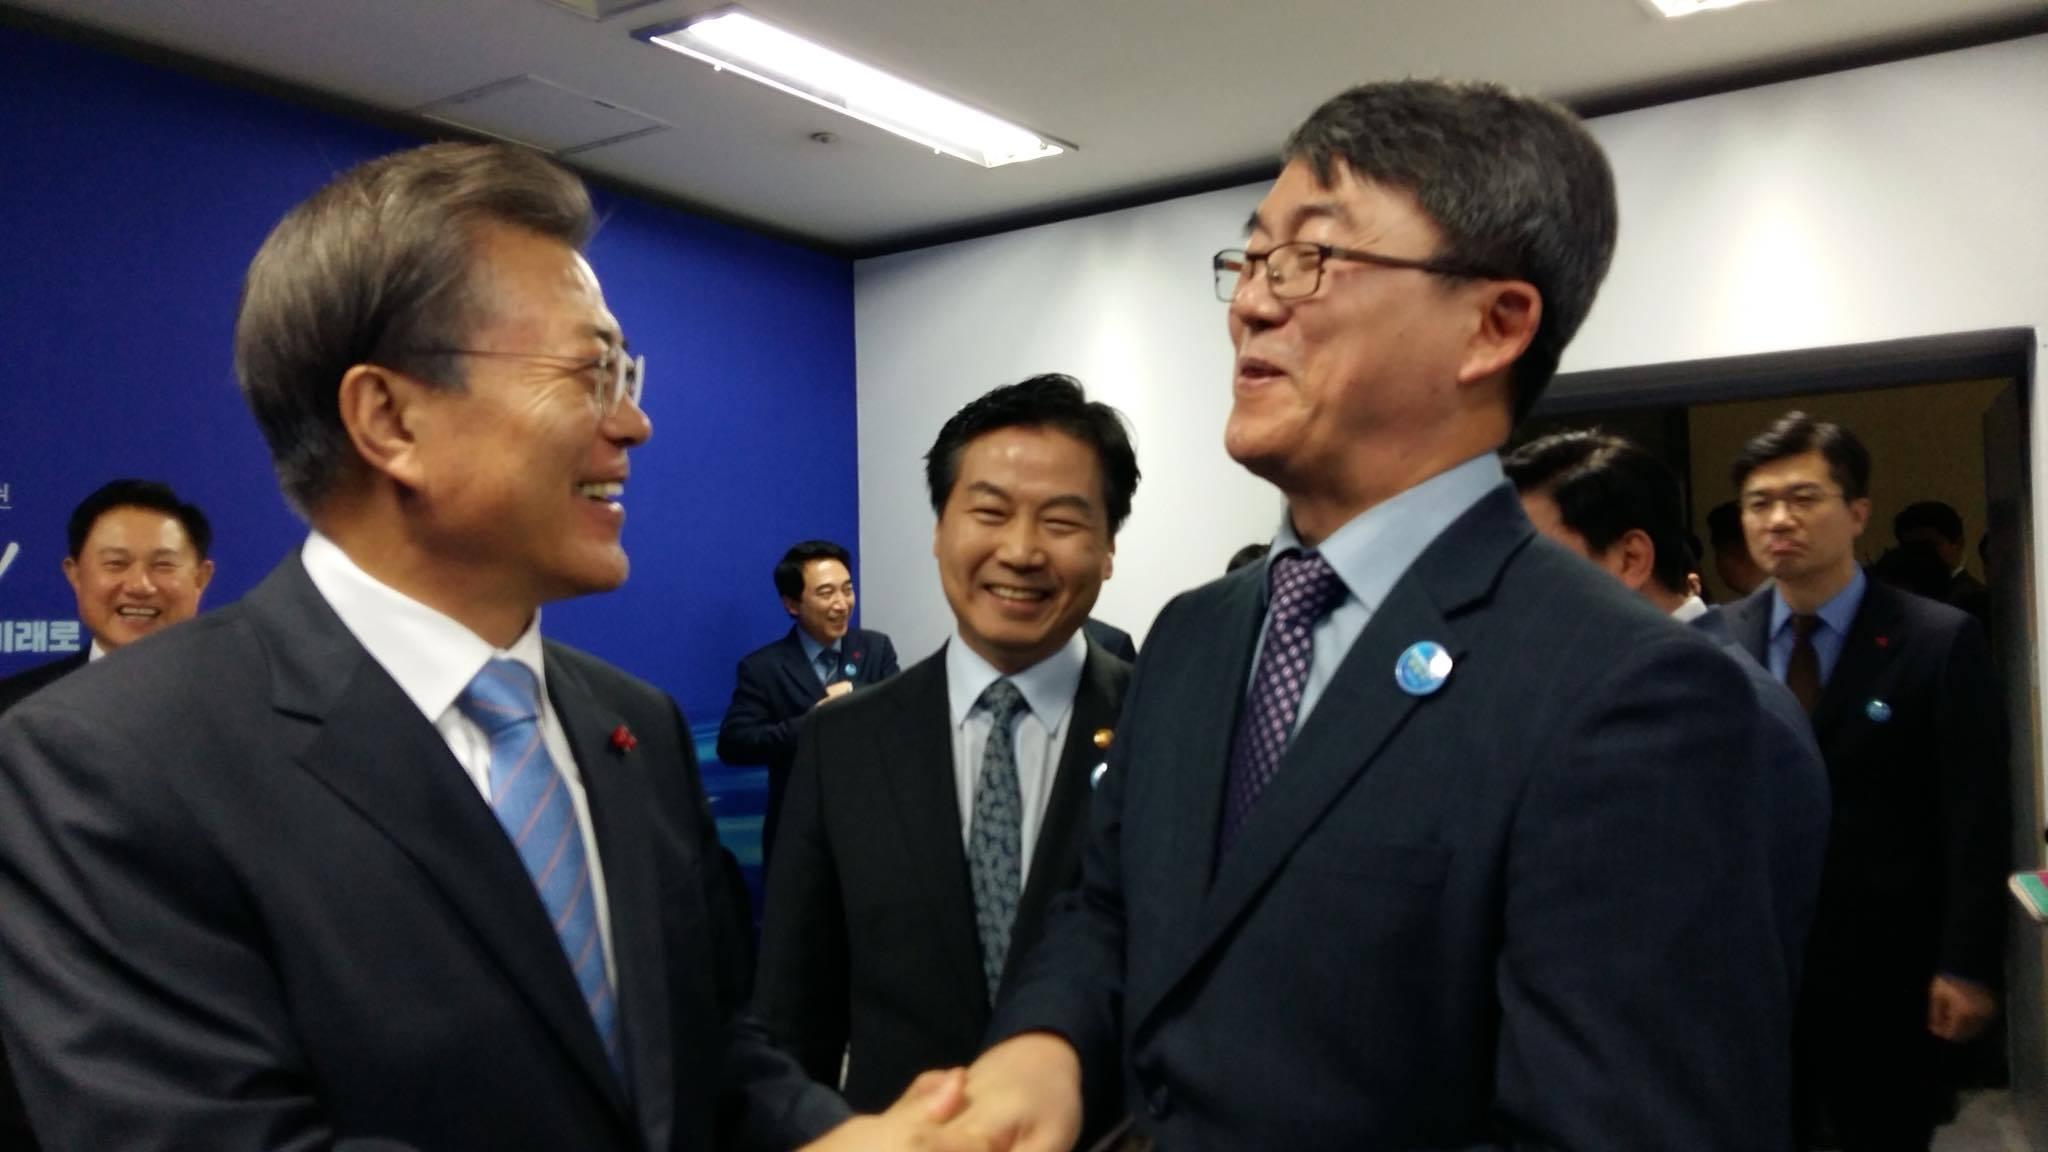 문재인 대통령(왼쪽)과 유석영 대표. [사진 유석영 대표 페이스북]